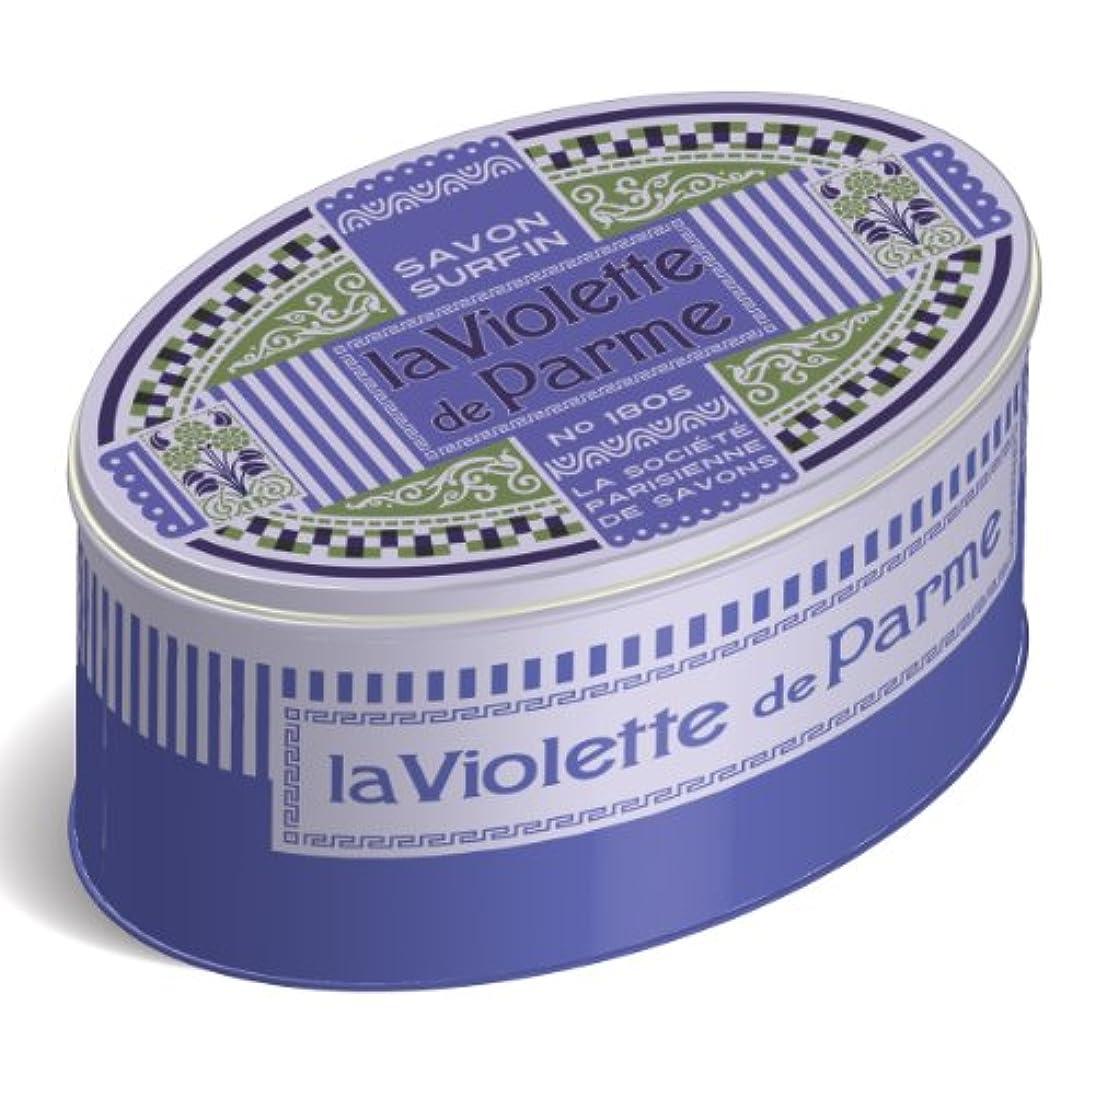 虚栄心ベイビー反射LA SOCIETE PARISIENNE DE SAVONS フレグランスソープ(缶入) 250g 「ラヴィオットデパルム」 3440576130614